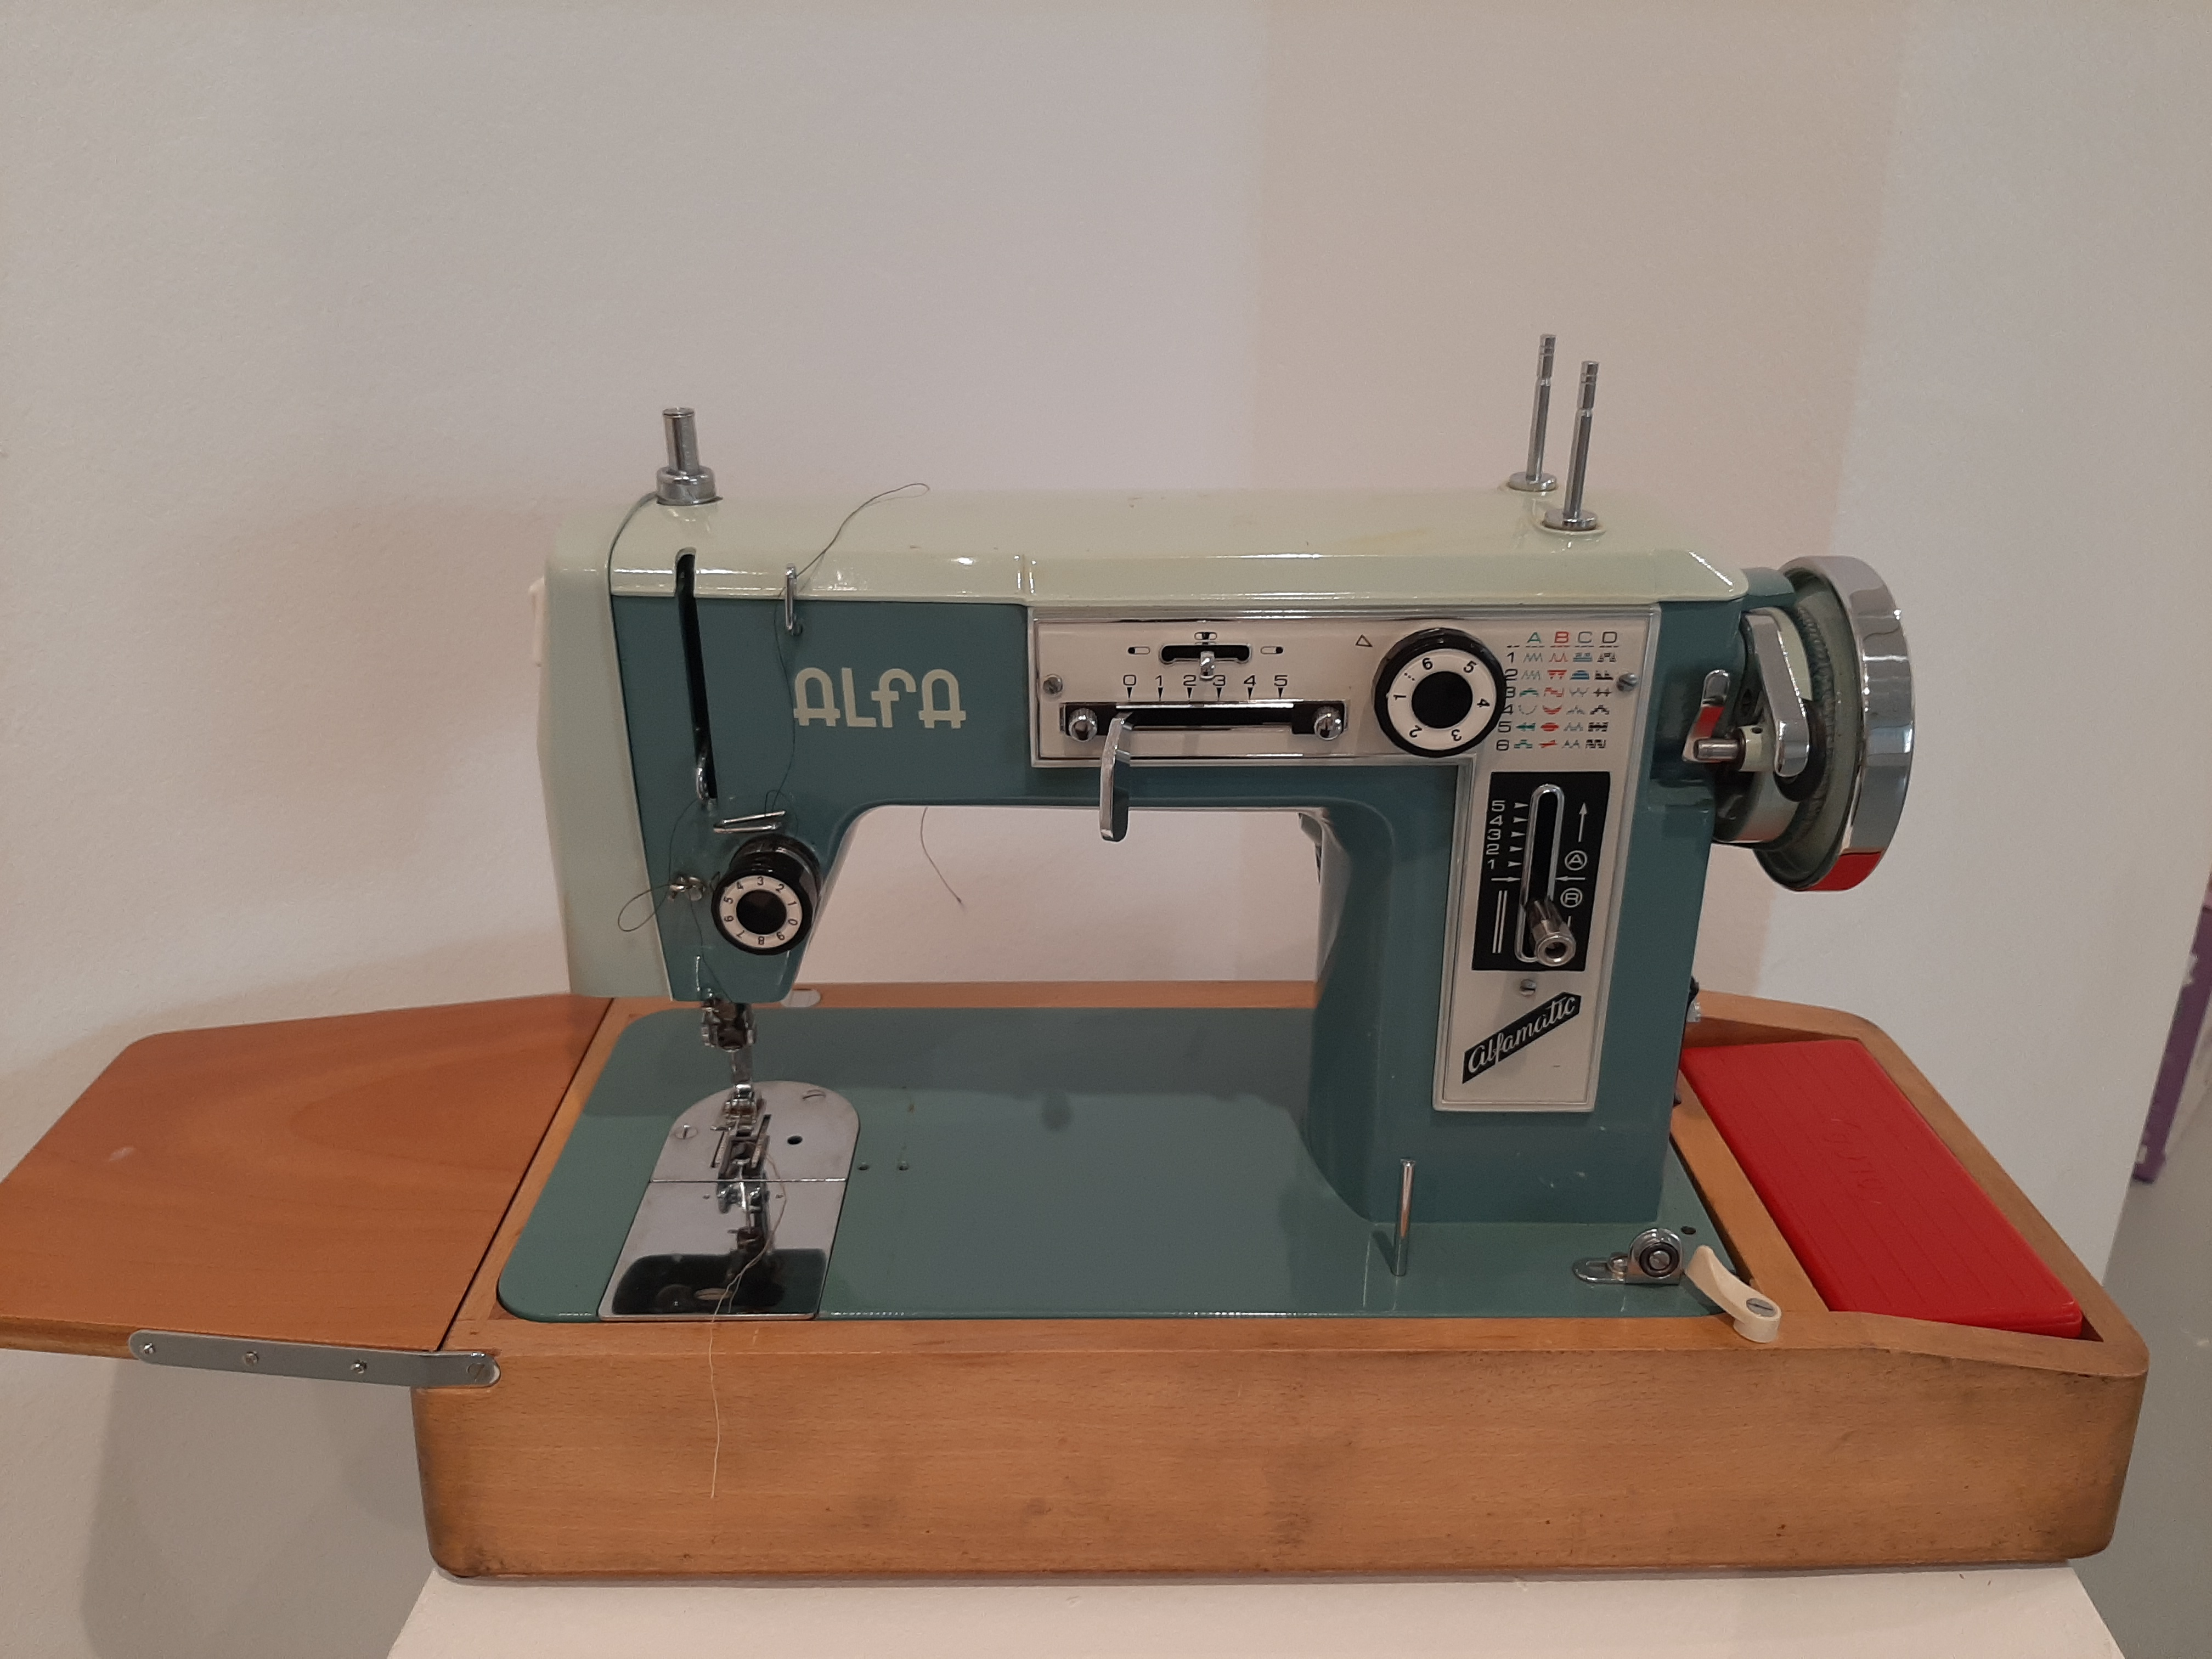 Maquina de coser ALFA Mod. Alfamatic 9025